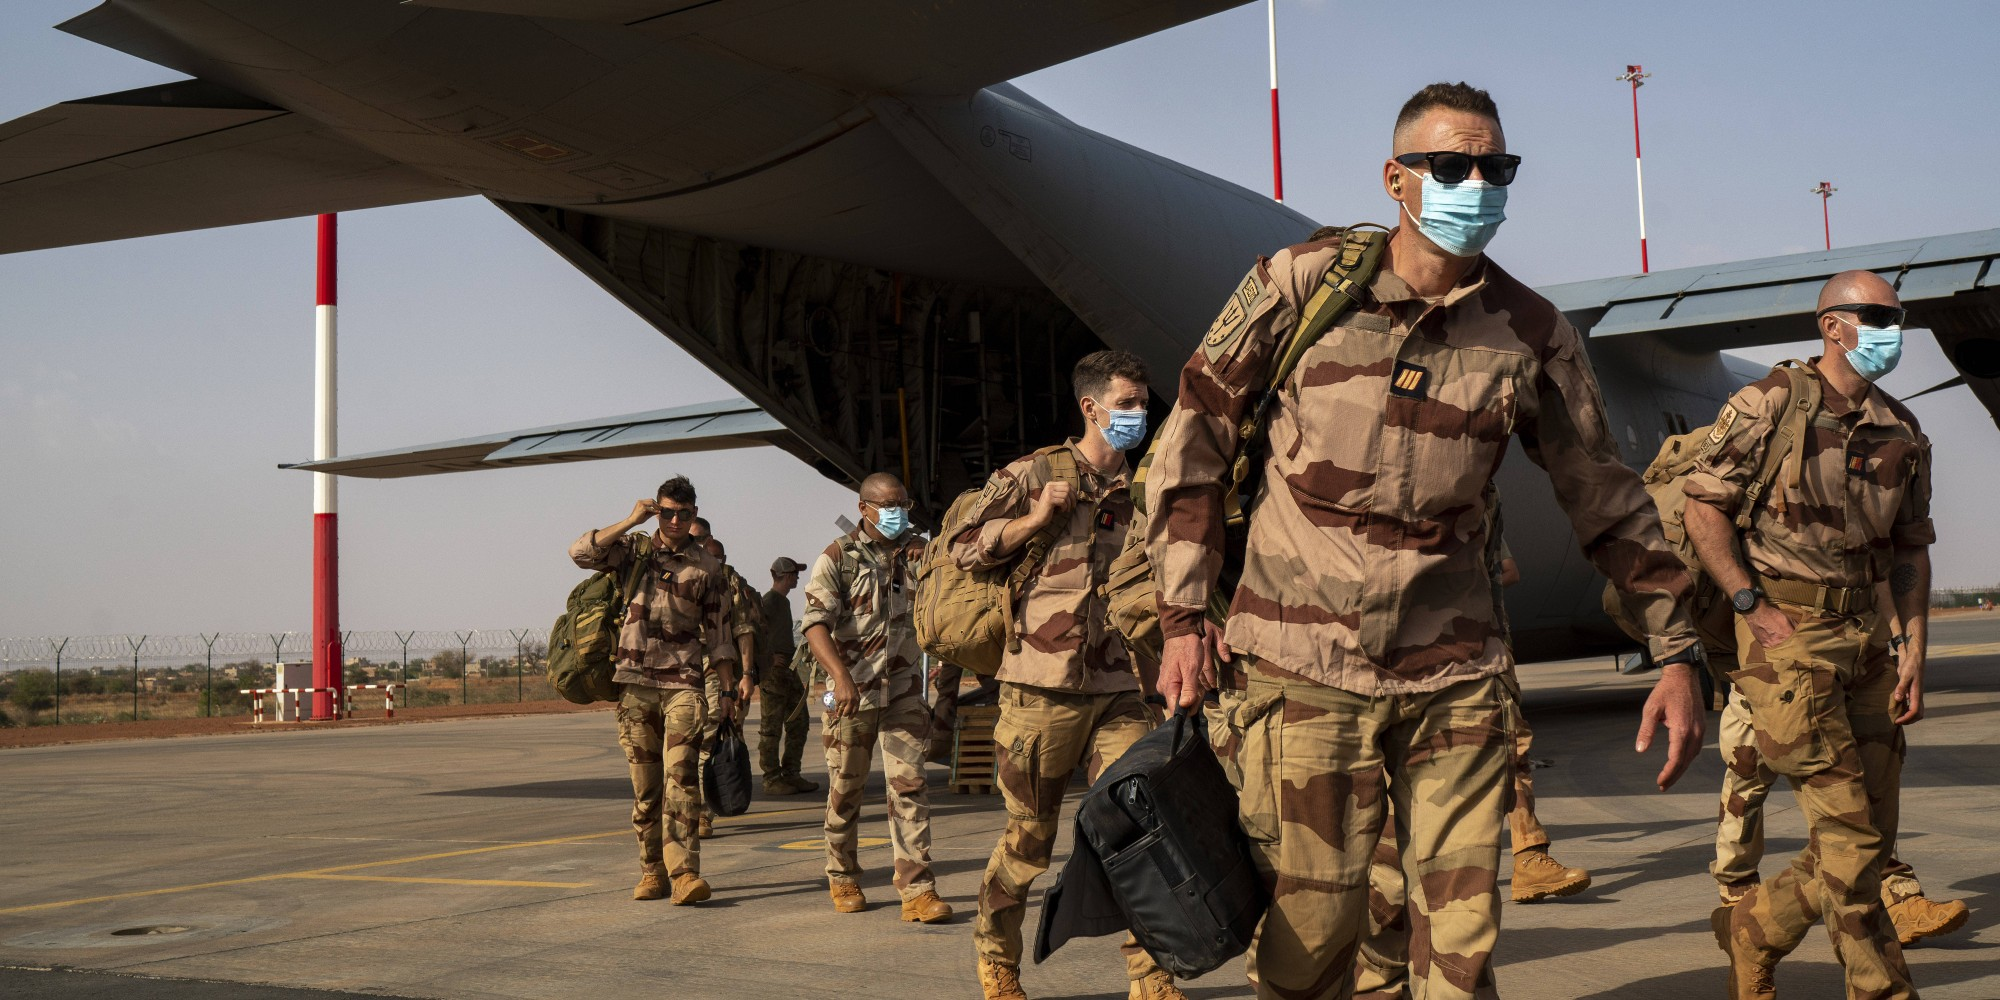 Terrorisme : la lutte antidjihadiste au Sahel survivra-t-elle à l'opération Barkhane?